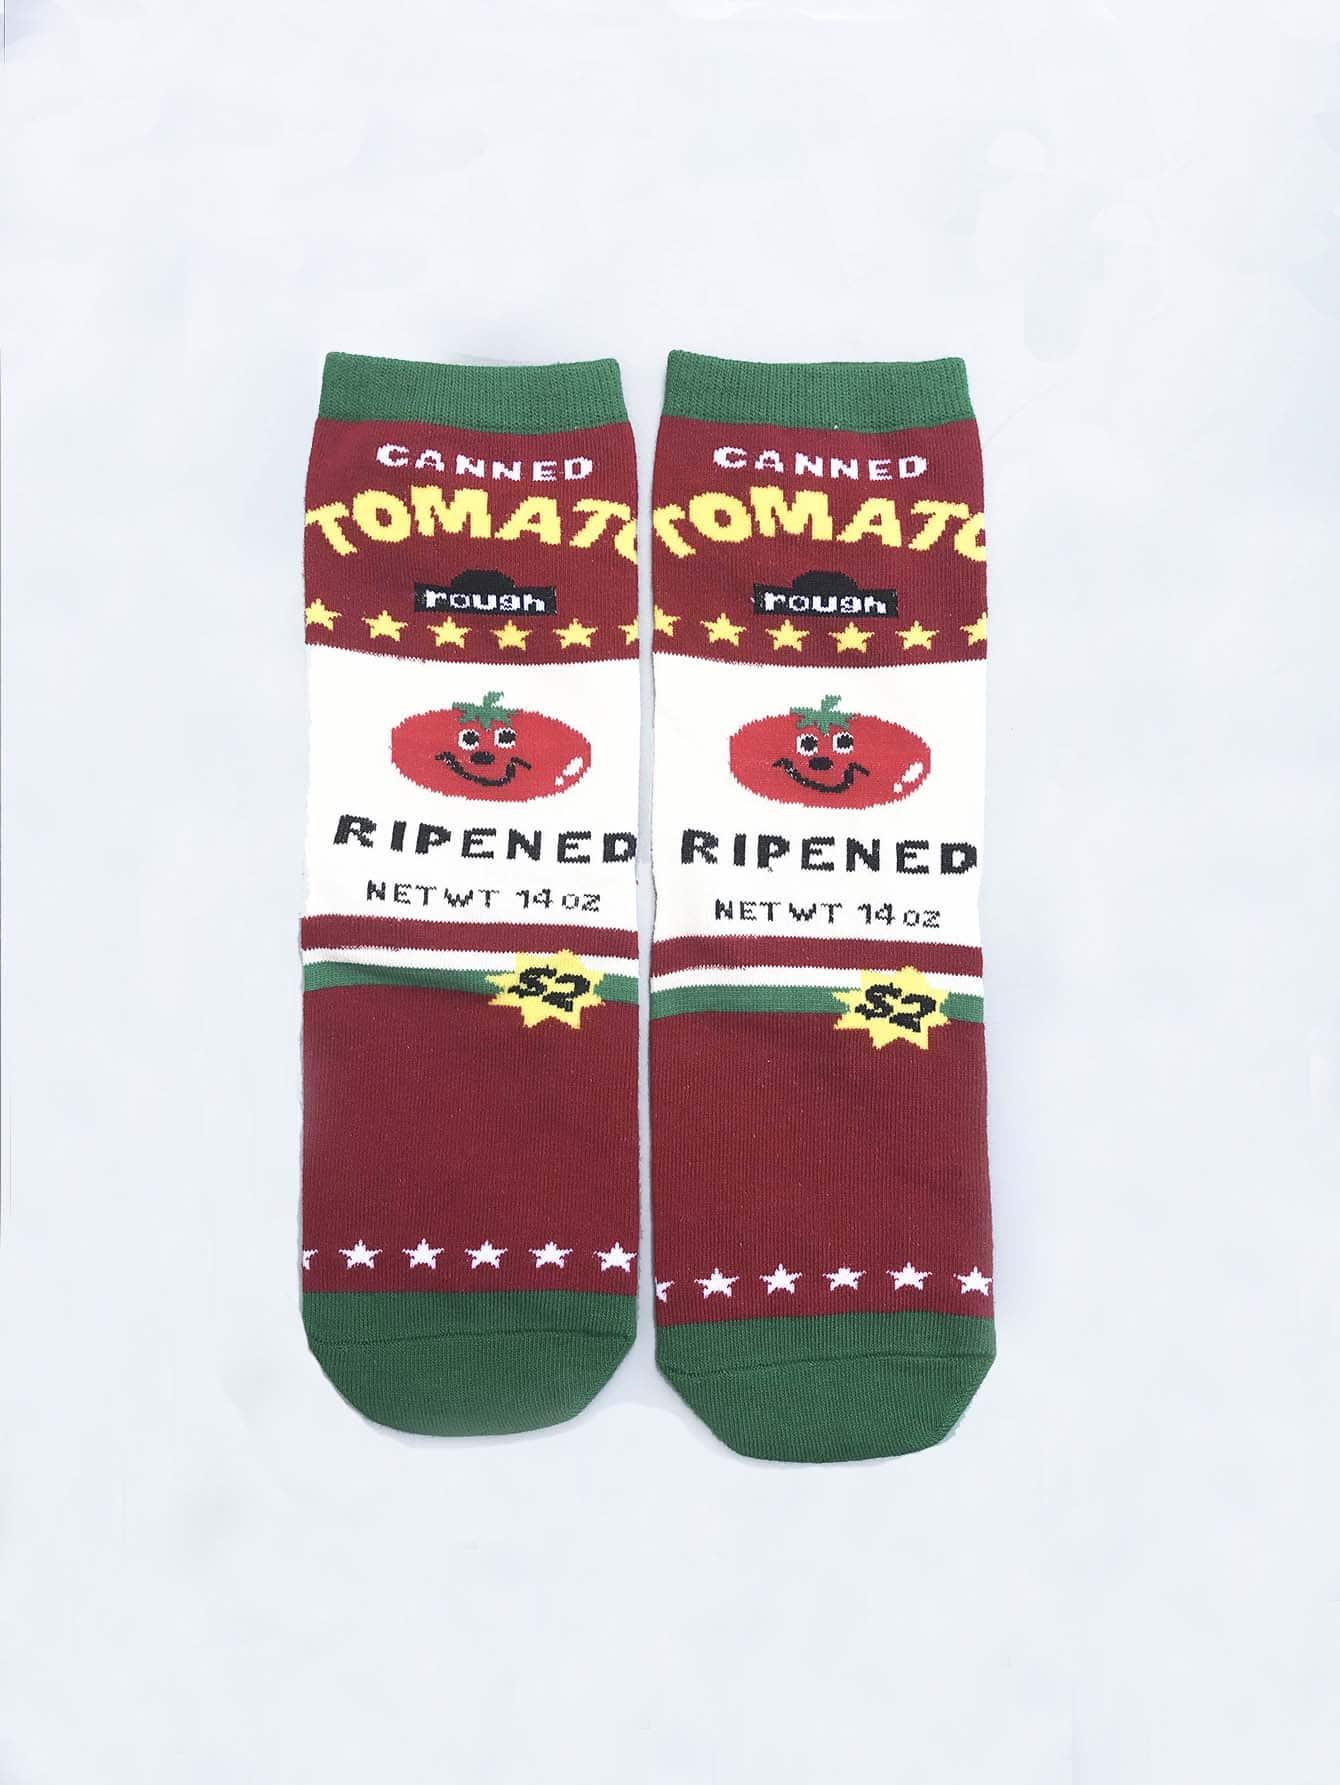 Socken 1Paar mit Buchstaben und Tomate Muster